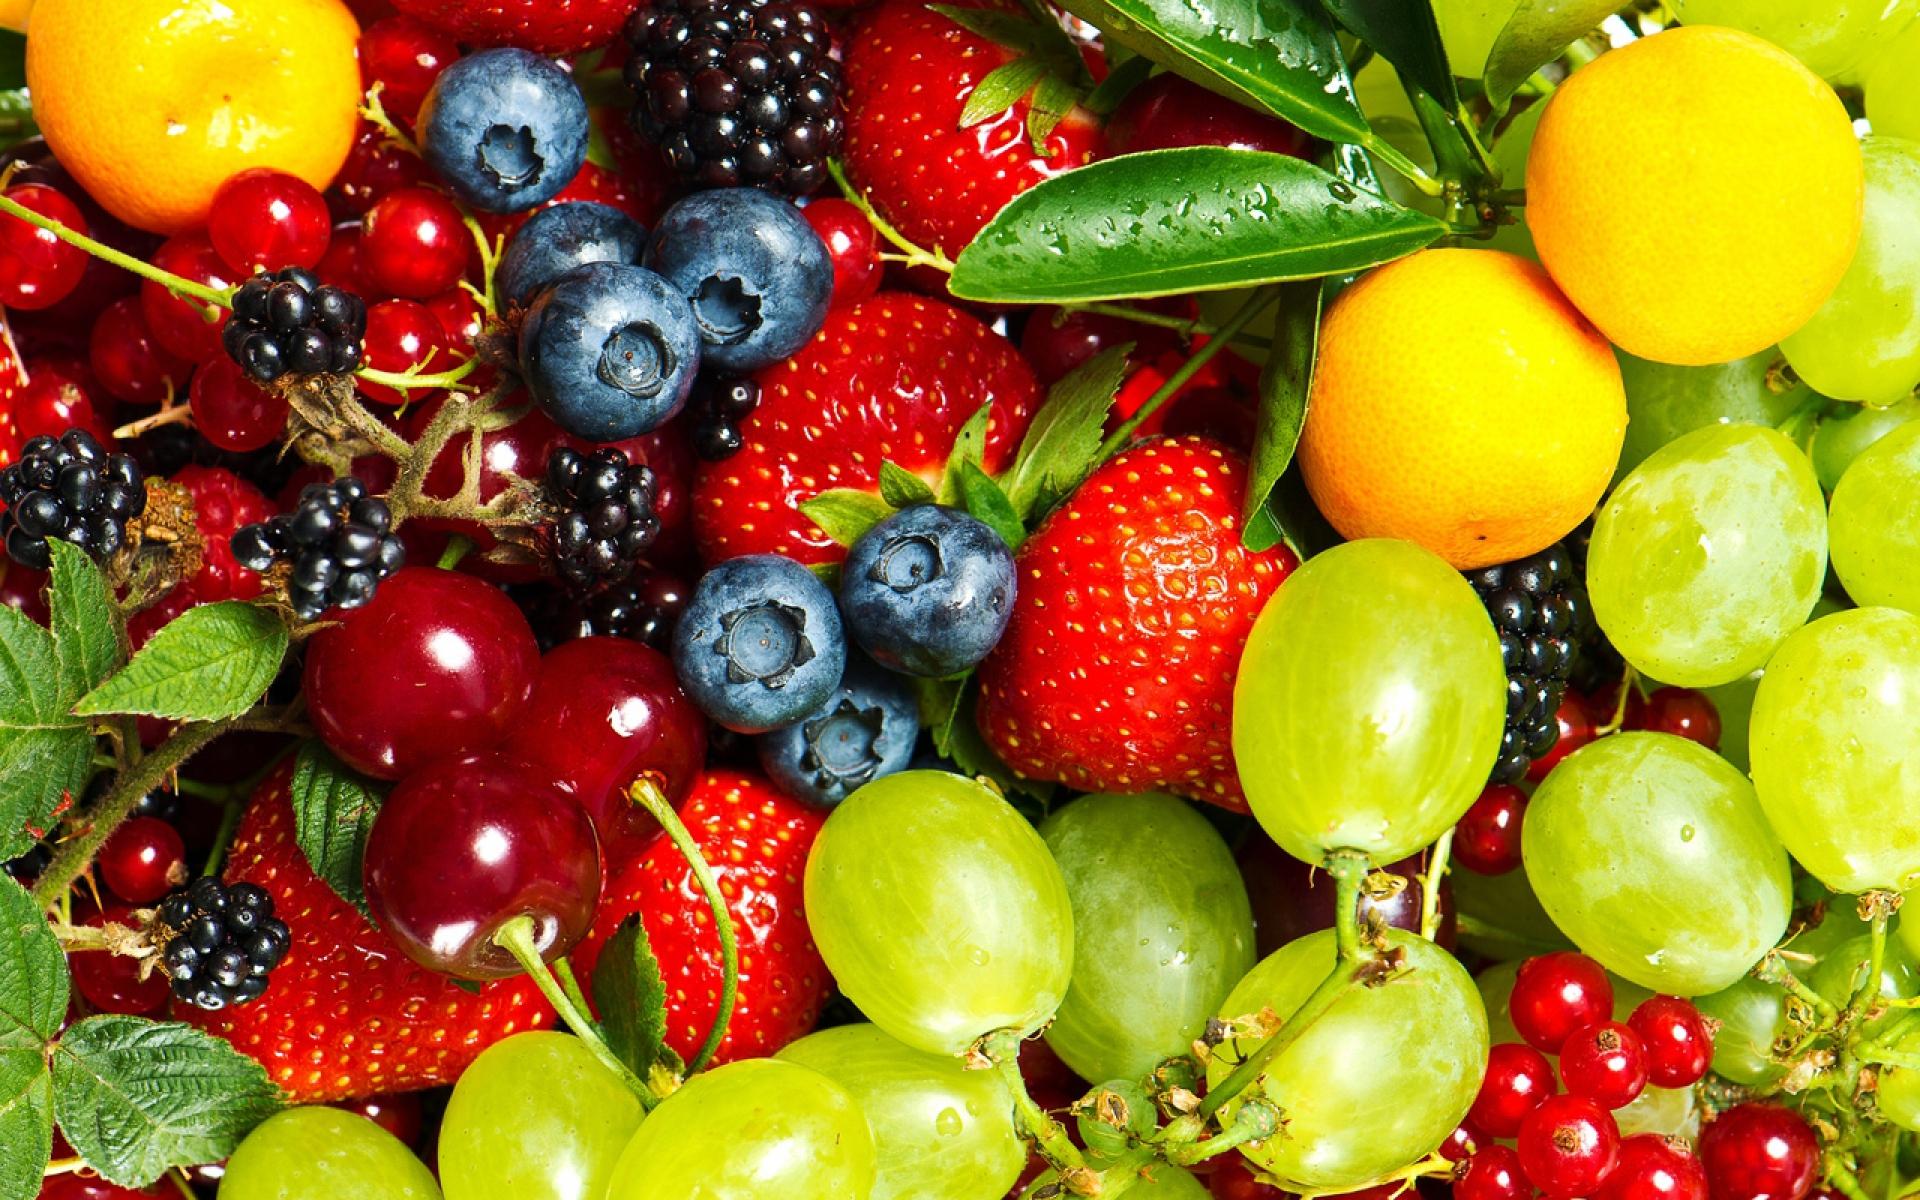 Открытки фрукты и овощи, смешные